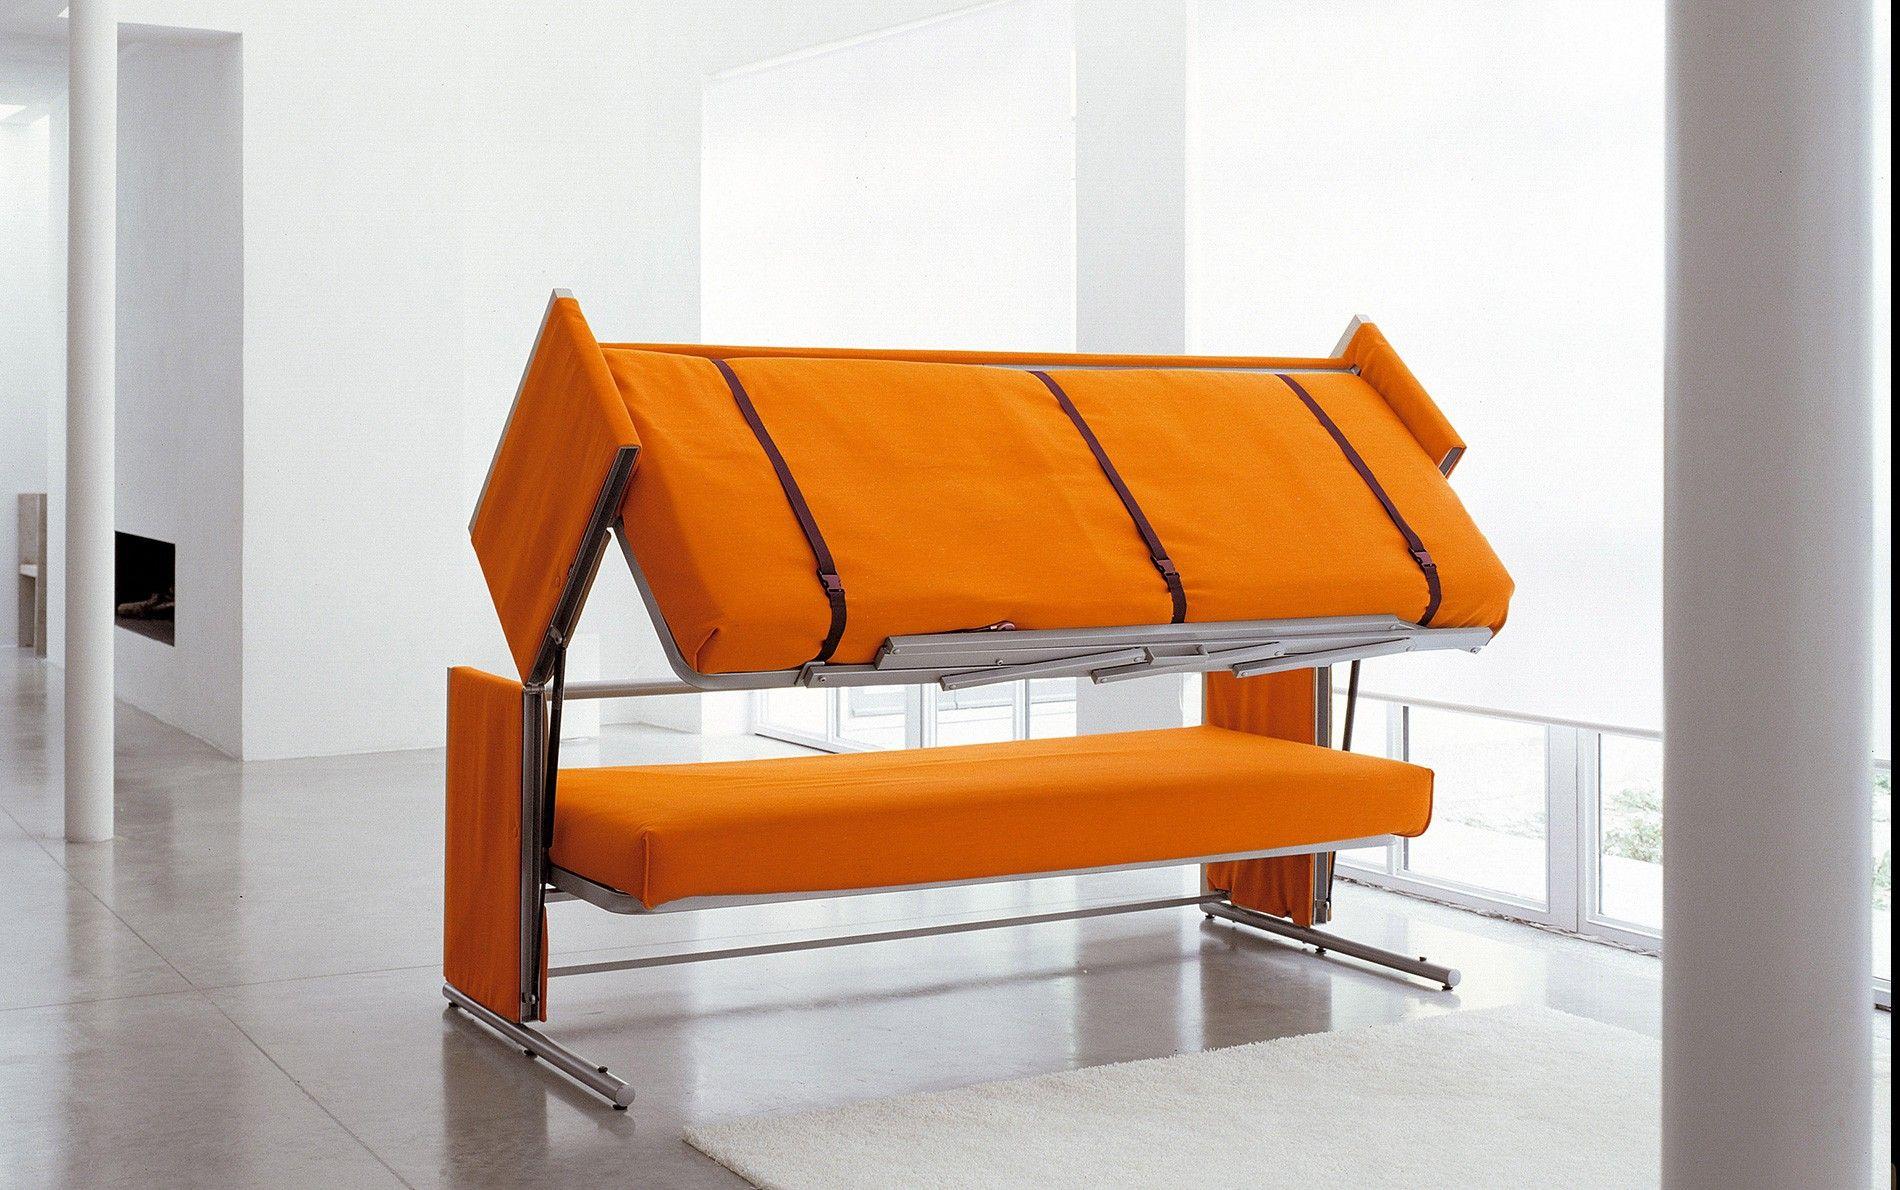 Pin Von Richi Rich Auf Reisemobil Sofa Design Mobel Fur Kleine